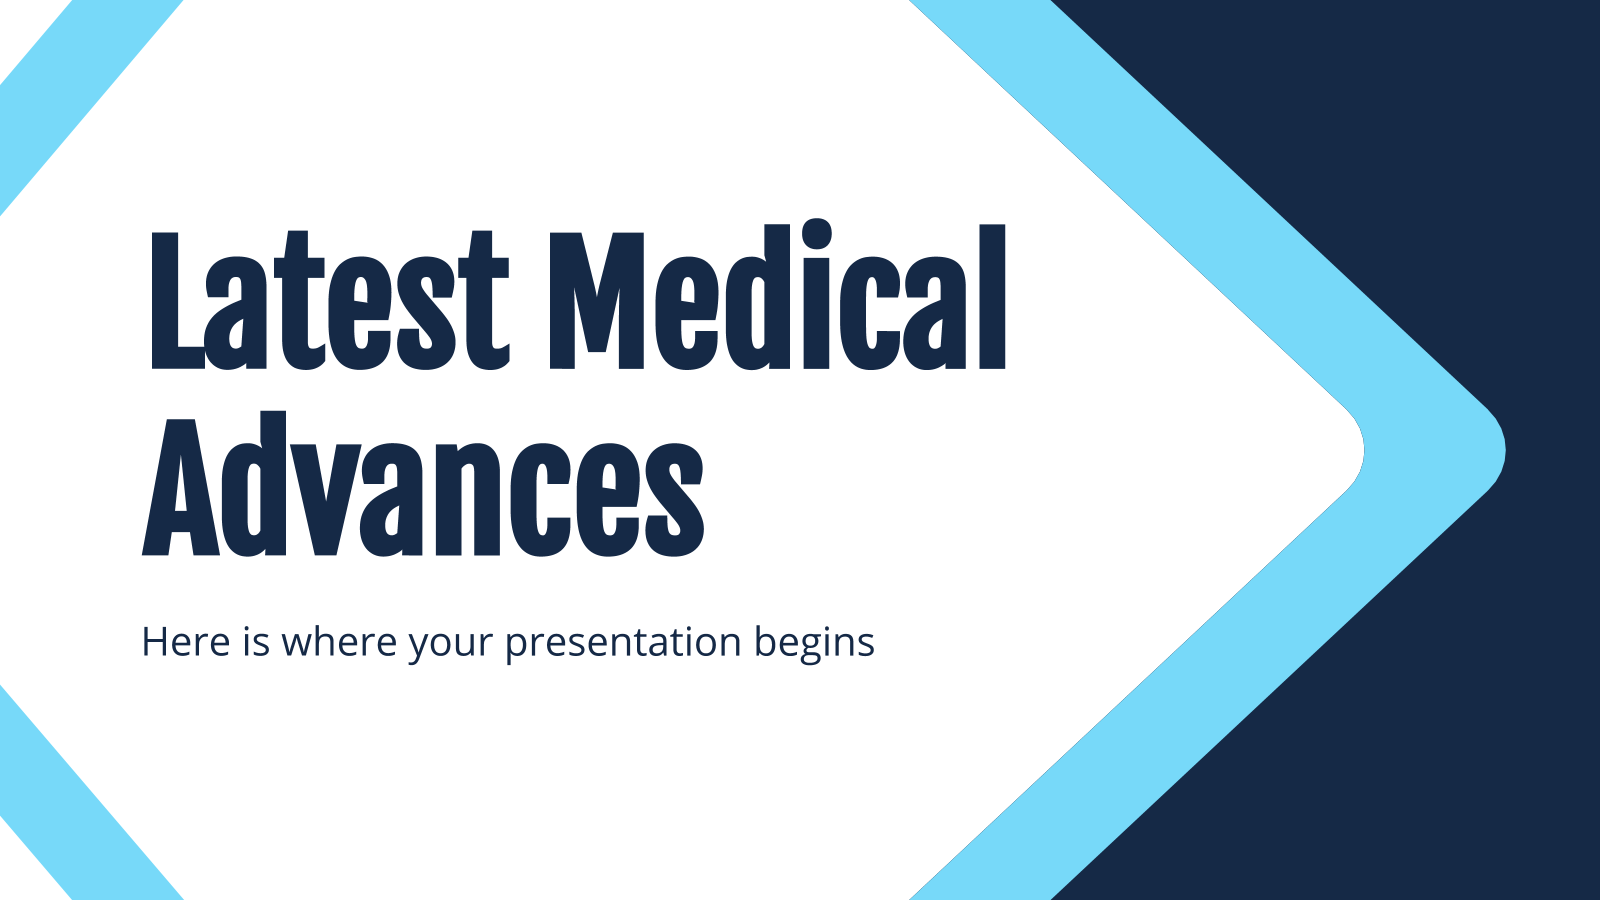 Dernières avancées médicales : Modèles de présentation